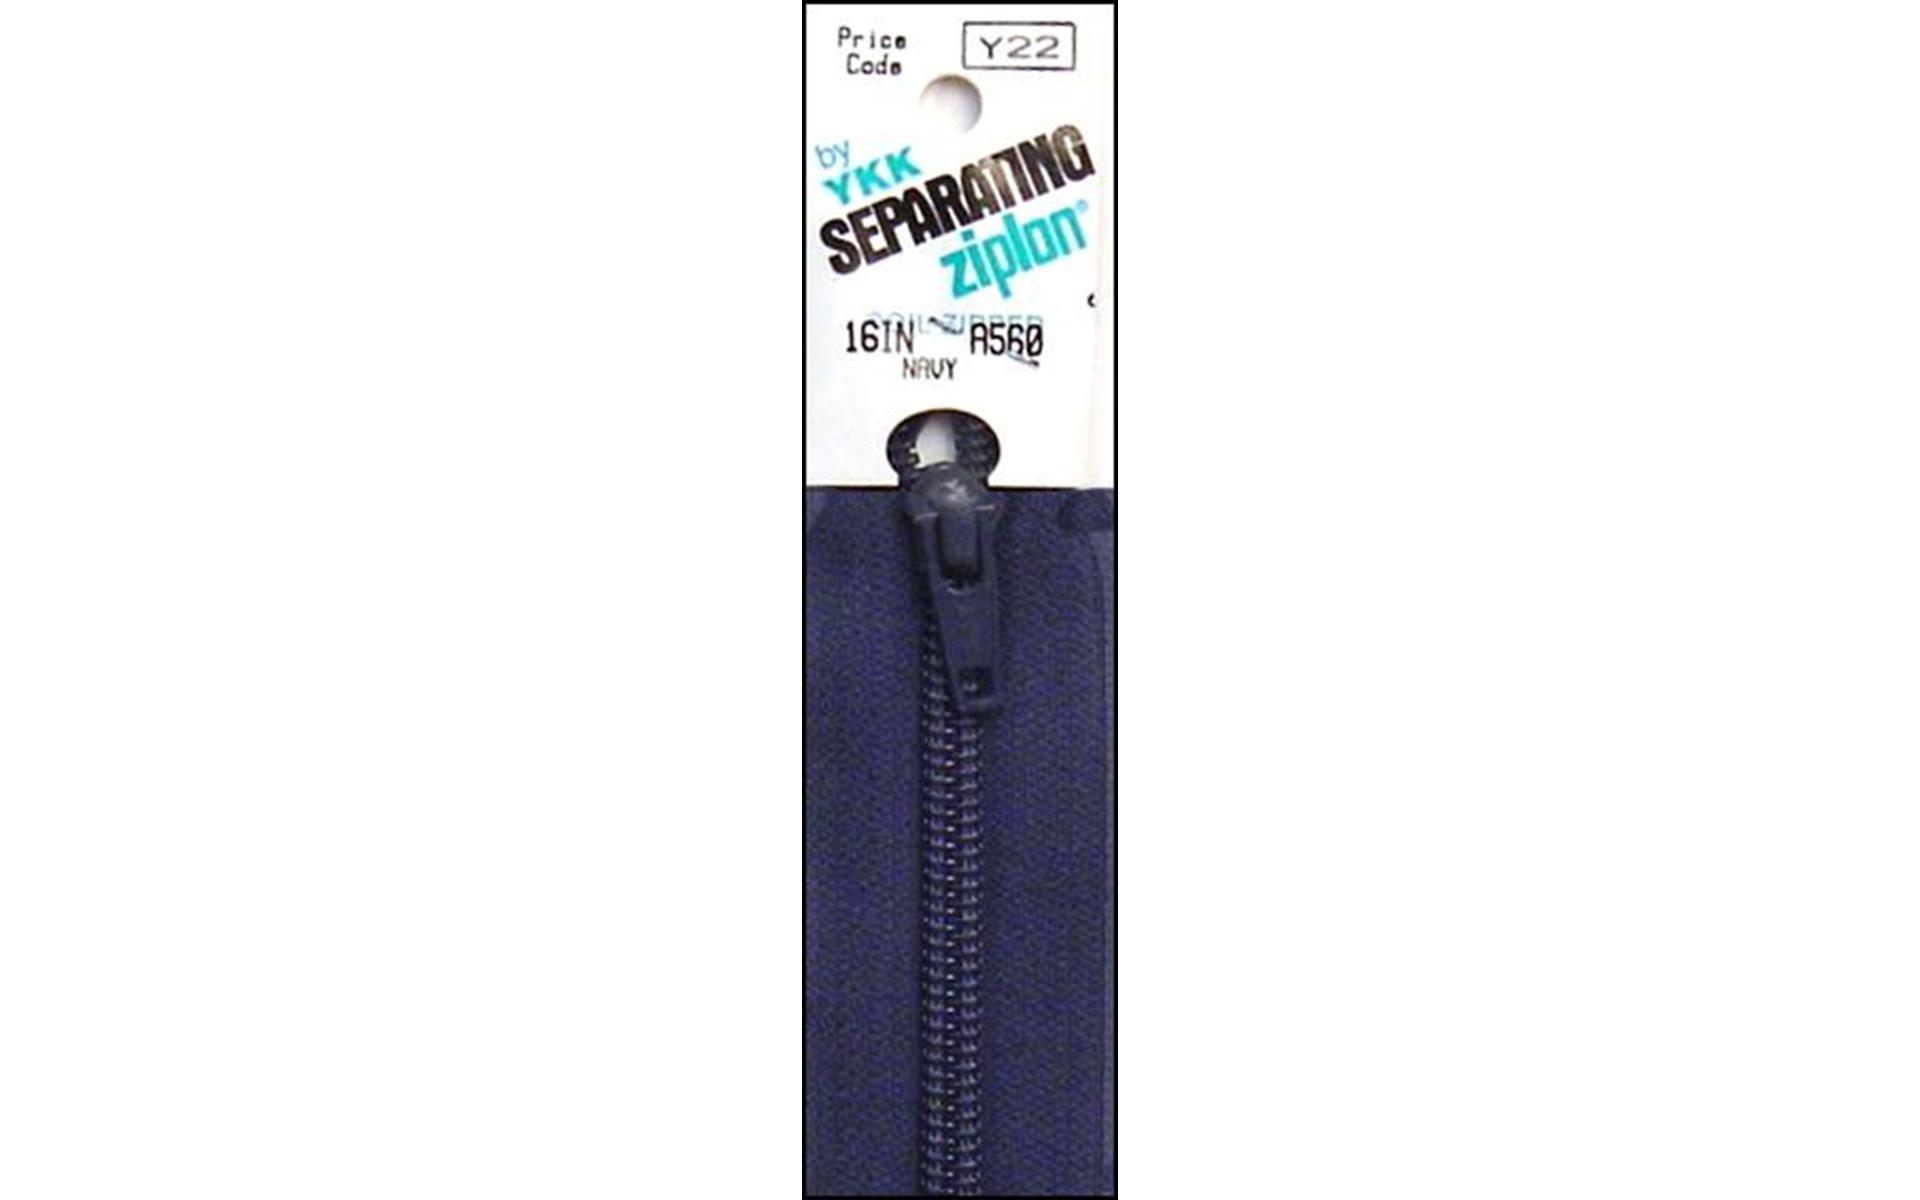 Lightweight Separating Zipper, 16 - Walmart.com